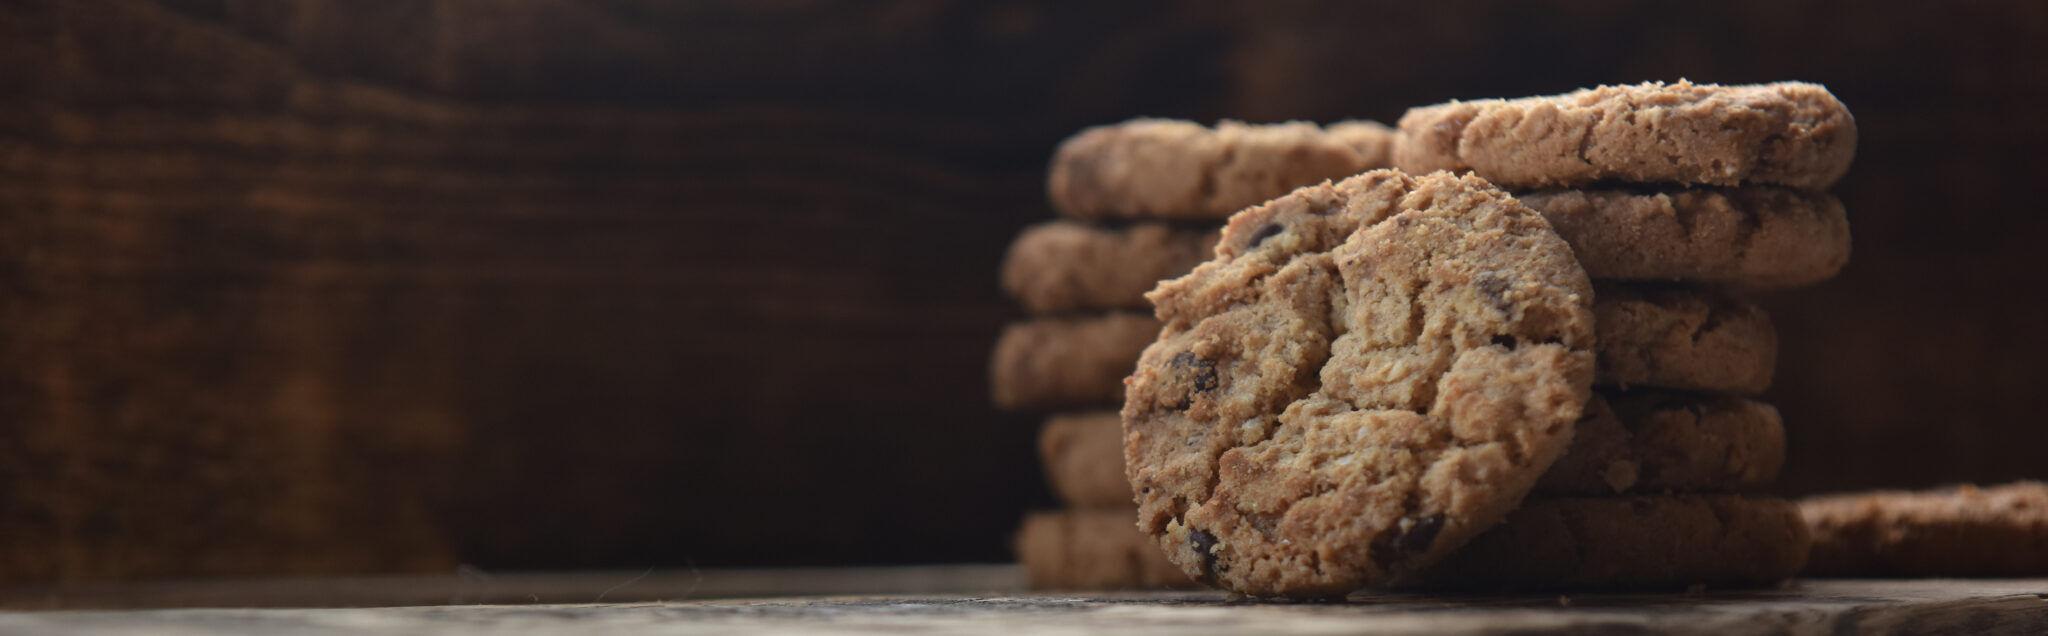 Snacks, Bars, Baked Goods & More!